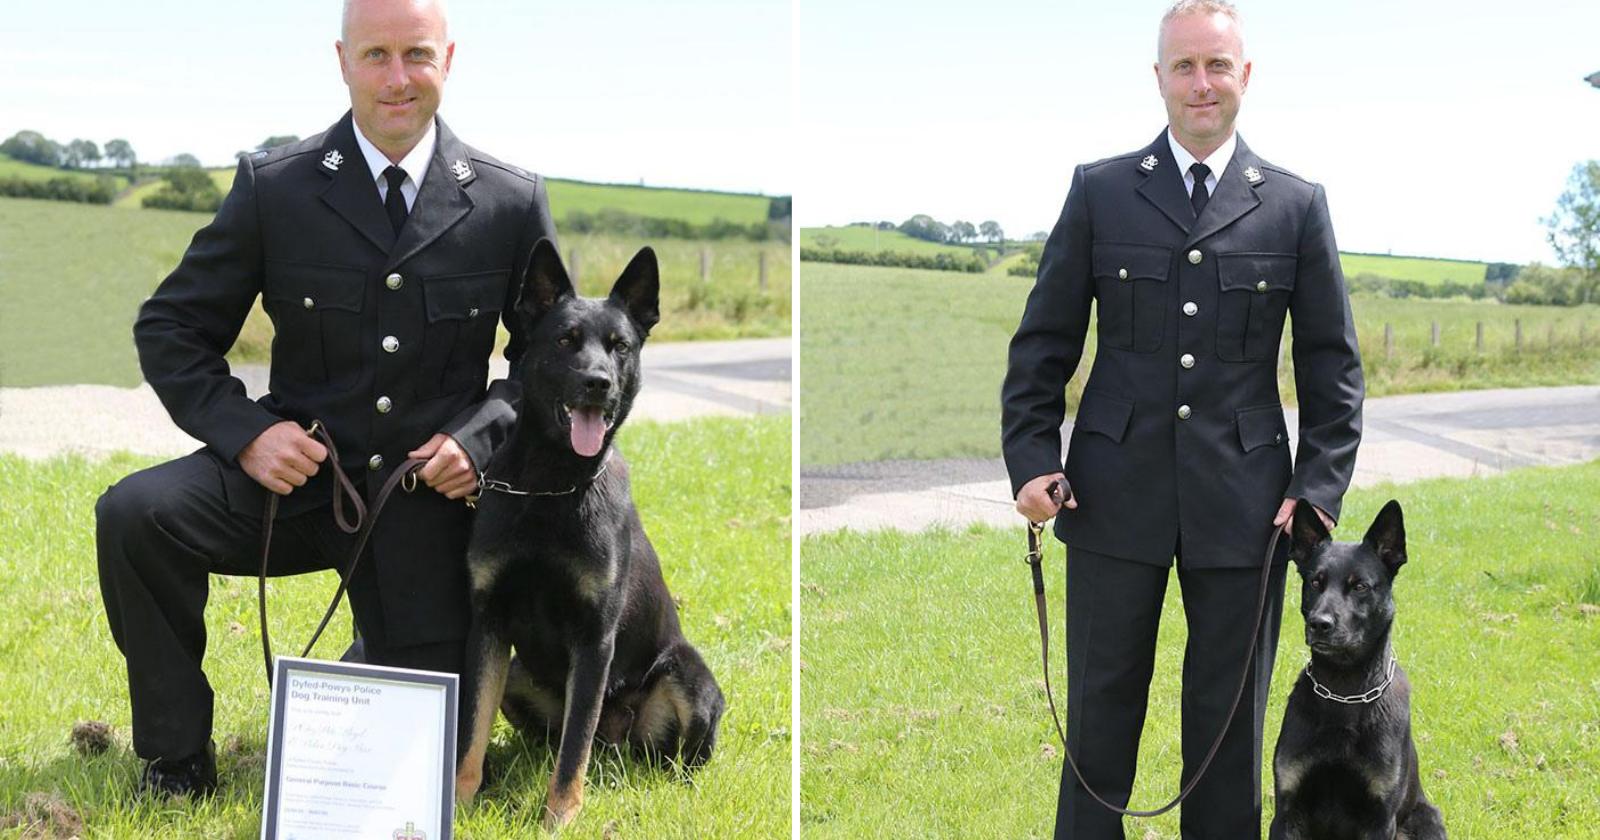 Em primeiro dia de trabalho, cão policial faz algo extremamente surpreendente ao resgatar mãe e filho